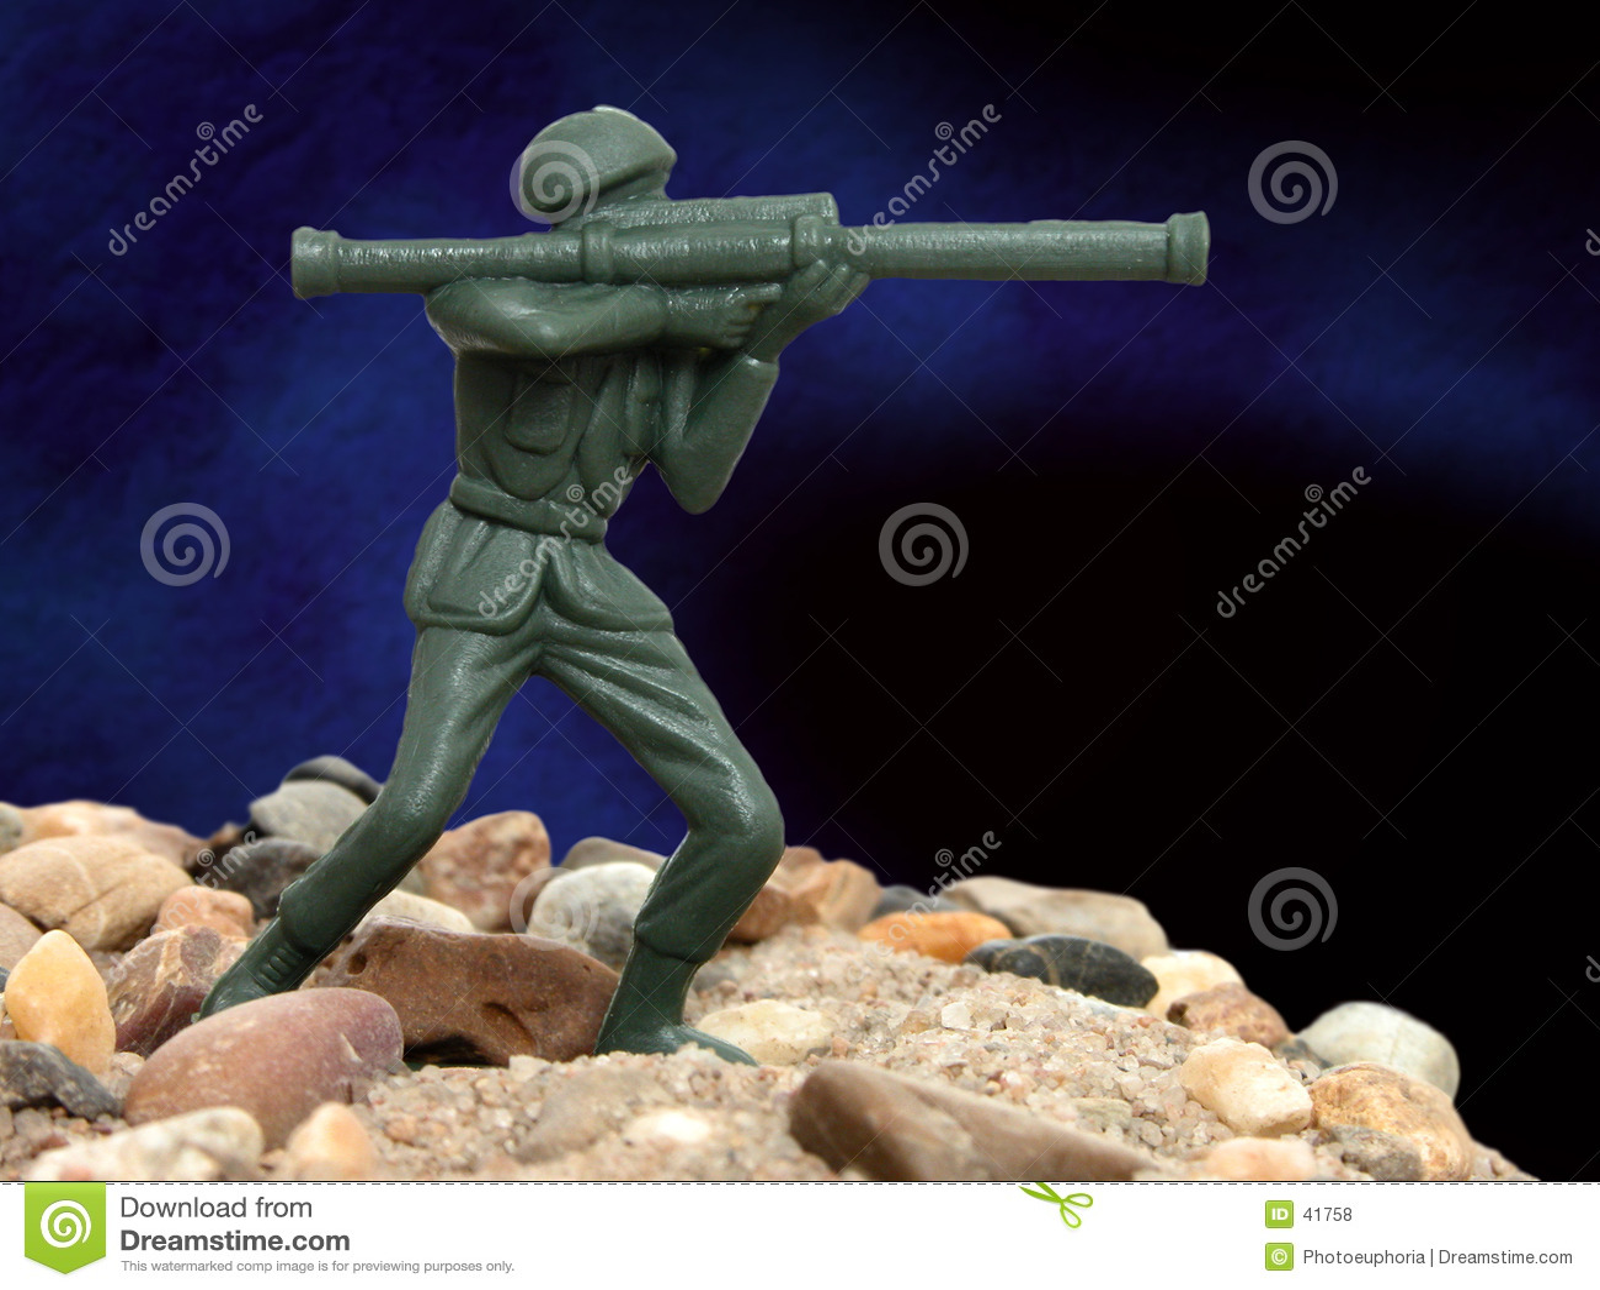 Toy Green Army Man